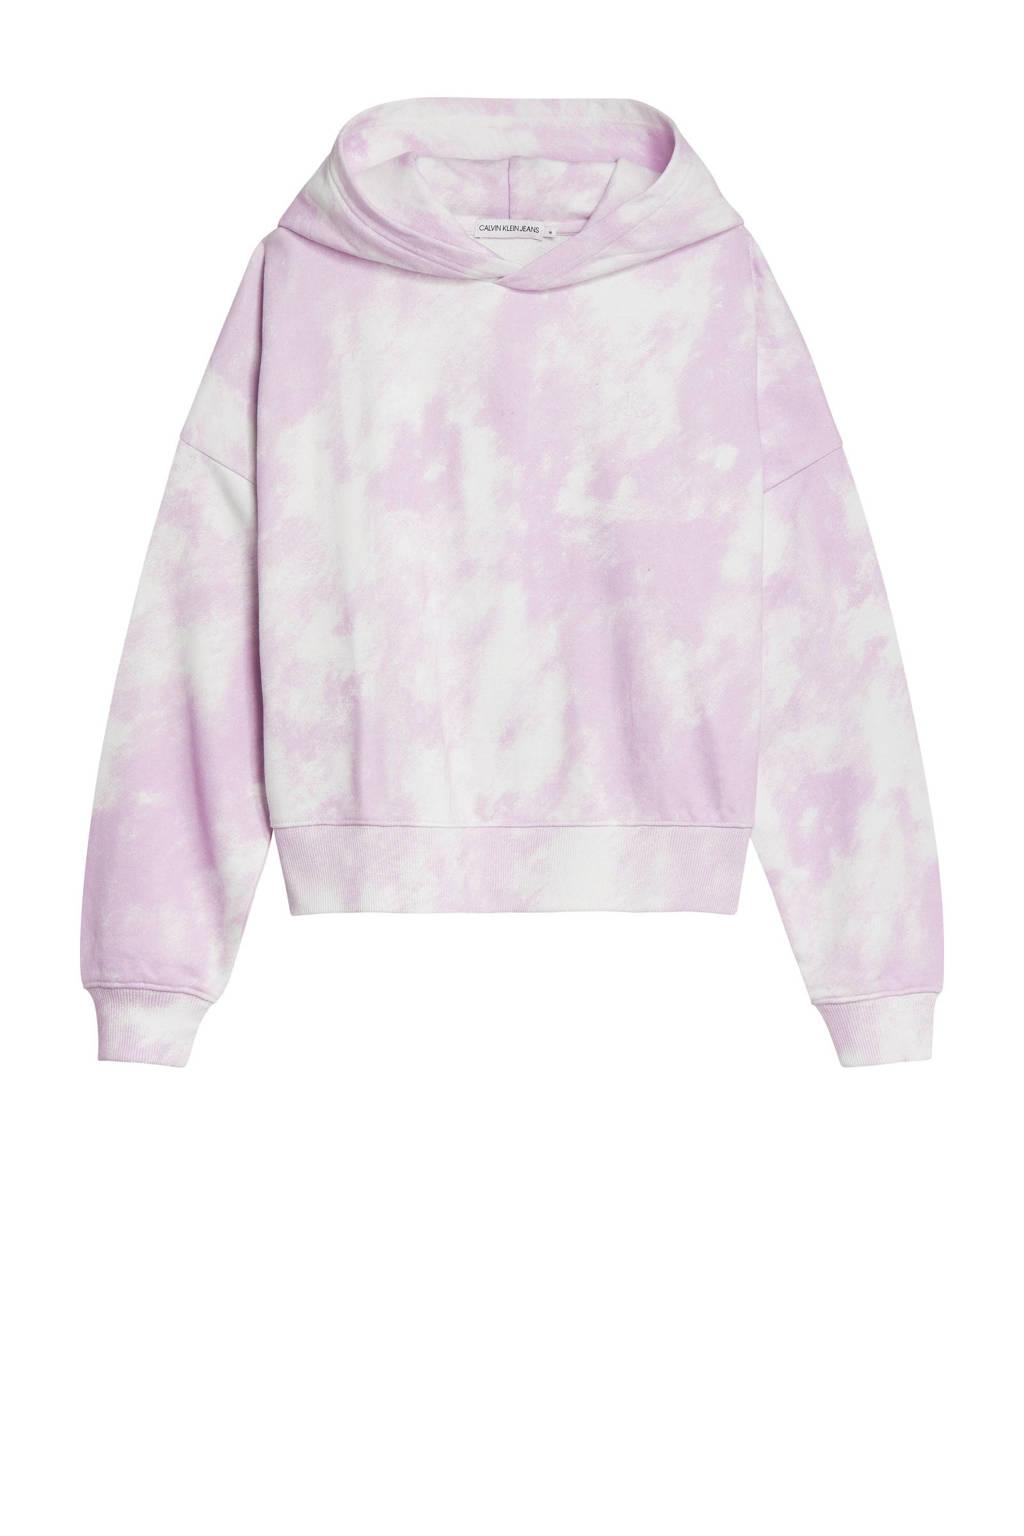 CALVIN KLEIN JEANS tie-dye hoodie roze/wit, Roze/wit